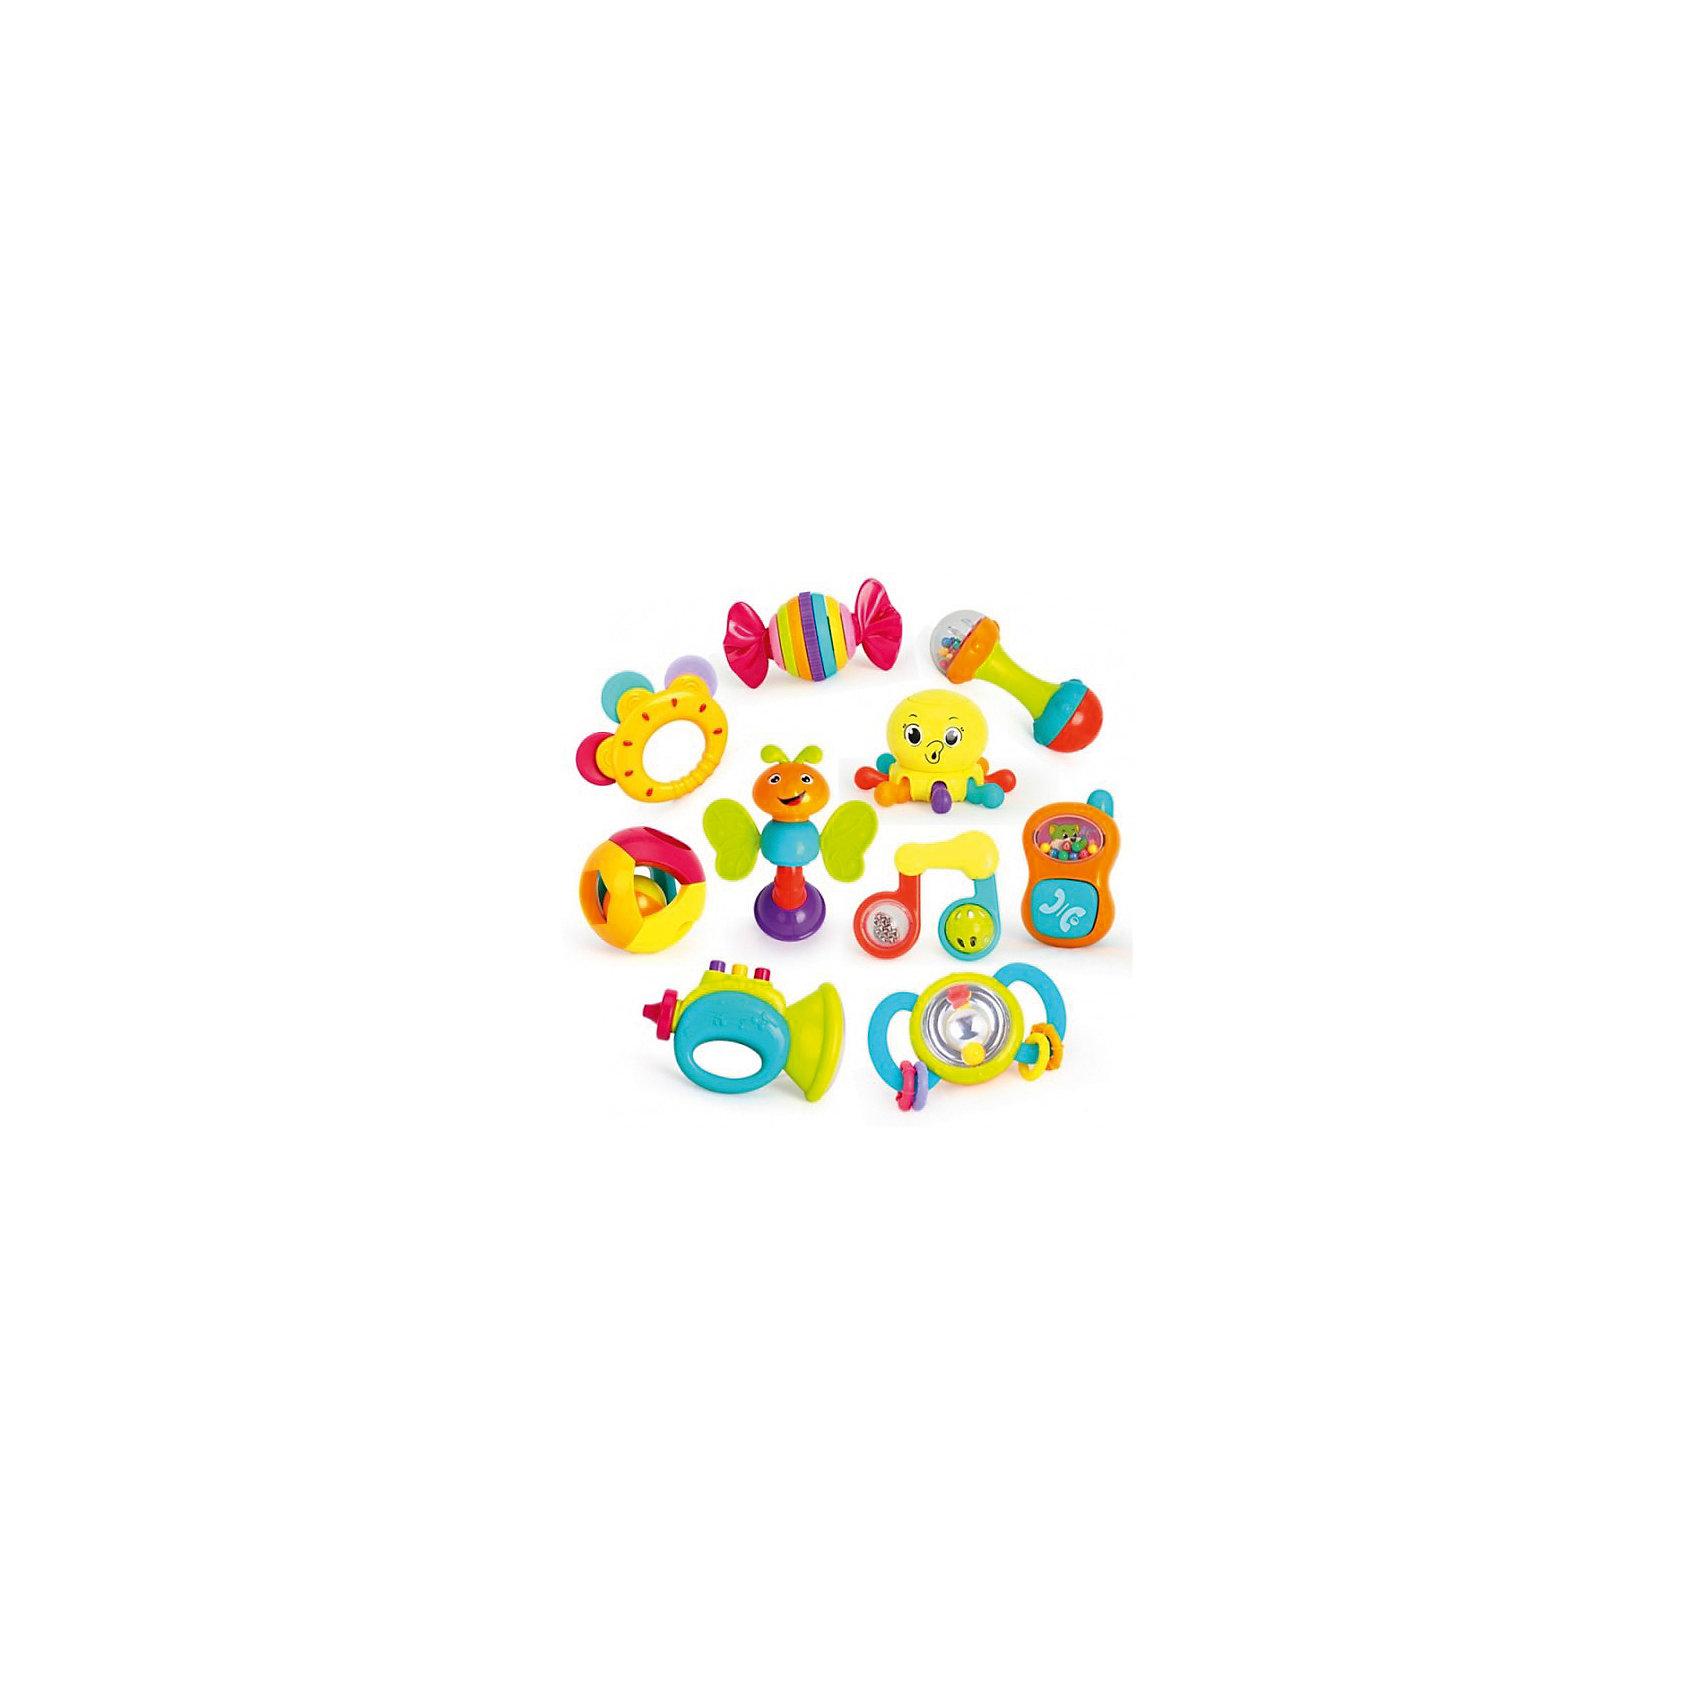 Набор погремушекИгрушки для новорожденных<br>Набор игрушек-погремушек Huile Toys – это отличное приобретение  для Вашего крохи. Игры с погремушками будут способствовать развитию у ребенка мелкой моторики рук, хватательного рефлекса и цветового восприятия. При встряске погремушки издают хорошо различимые звуки, благодаря чему развивается слуховое восприятие малыша. Разноцветные шарики и полоски на погремушках стимулируют визуальное восприятие и способность различать цвета. Игрушки выполнены в ярких красочных цветах, их края закруглены во избежание травм  малыша.<br>Погремушки Huile Toys можно трясти, сдавливать или скручивать, тренируя гибкость пальцев и улучшая координацию движений. Благодаря различным текстурам погремушки развивают тактильные ощущения. В набор входят 10 погремушек: шарик с маленьким гремящим шариком внутри, бубен, пчелка с крылышками-прорезывателями, труба с кнопочками-пищалками; конфета-трещотка; телефончик с кнопкой, издающей щелчки; игрушка-нота с вращающимися шариками; гантелька с кнопкой-пищалкой; осьминог с поднимающимися и опускающимися лапками; погремушка.<br><br>Дополнительная информация: <br><br>- возраст: от 3 месяцев<br>- пол: для мальчиков и девочек<br>- комплект: 10 погремушек.<br>- материал: пластик.<br>- упаковка: картонная коробка блистерного типа.<br><br>Набор погремушек можно купить в нашем интернет-магазине.<br><br>Ширина мм: 480<br>Глубина мм: 430<br>Высота мм: 90<br>Вес г: 1433<br>Возраст от месяцев: 3<br>Возраст до месяцев: 2147483647<br>Пол: Унисекс<br>Возраст: Детский<br>SKU: 4904834